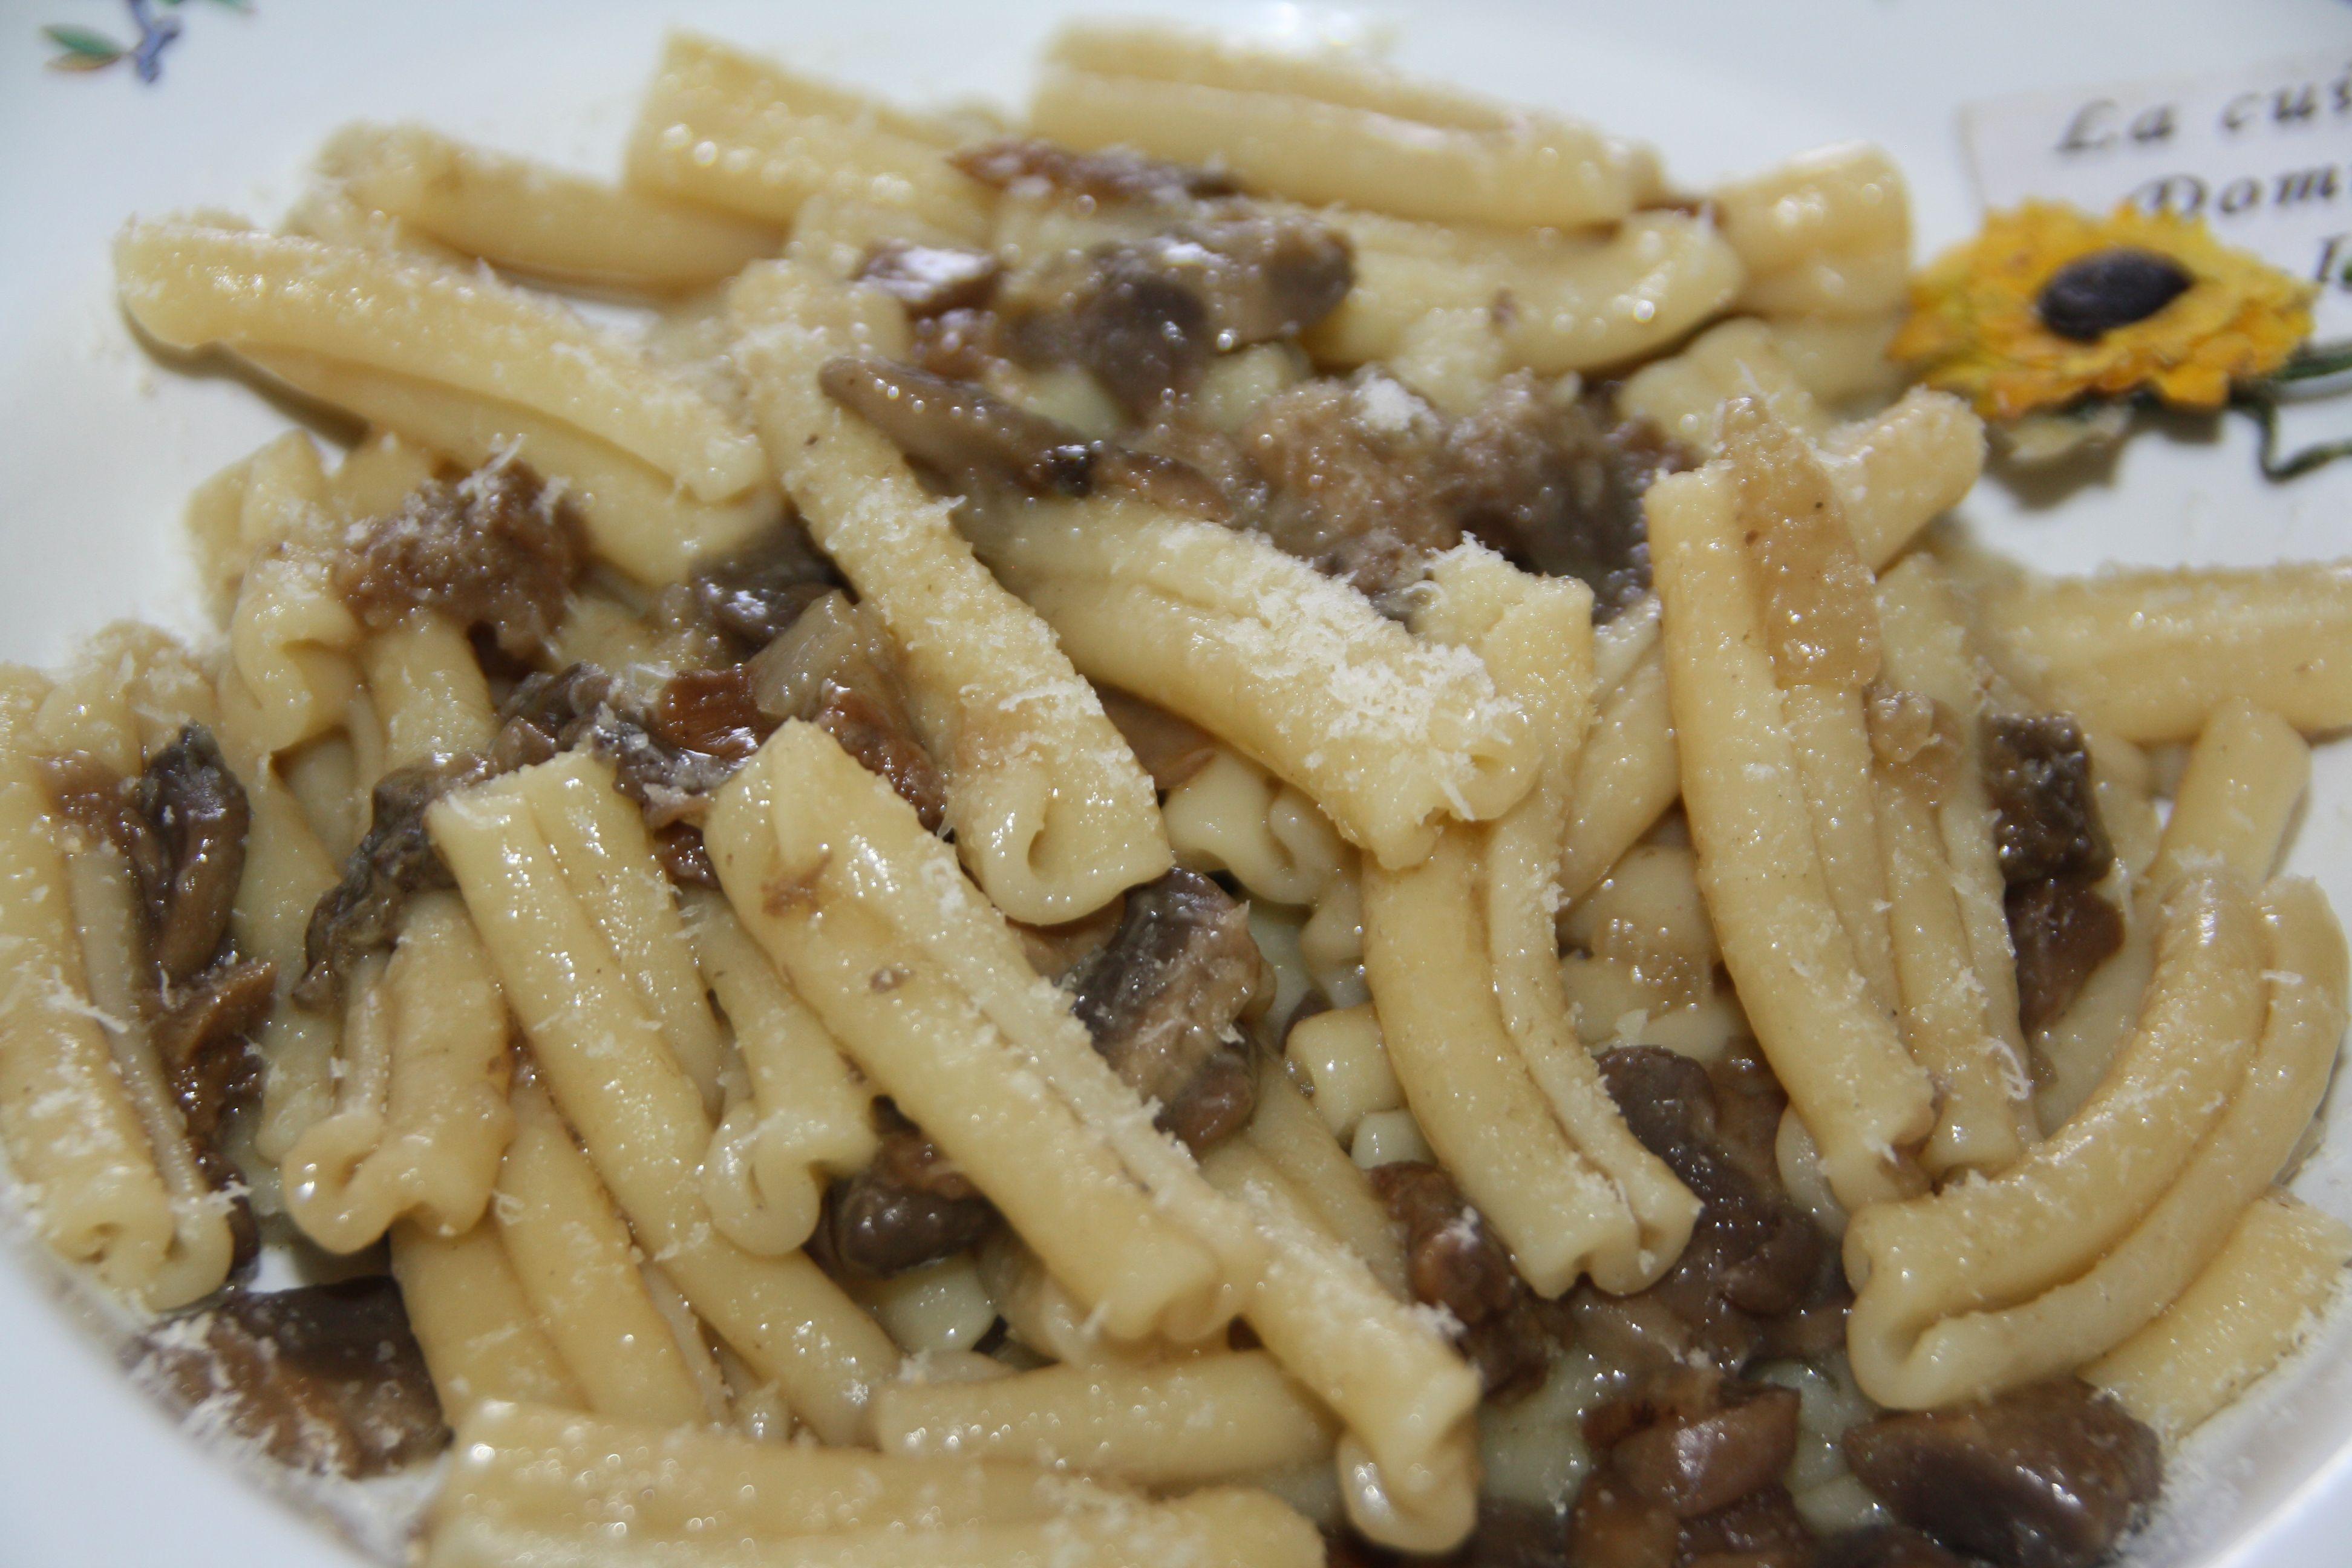 Pates Aux Champignons Casarecce Recette Italienne Recette